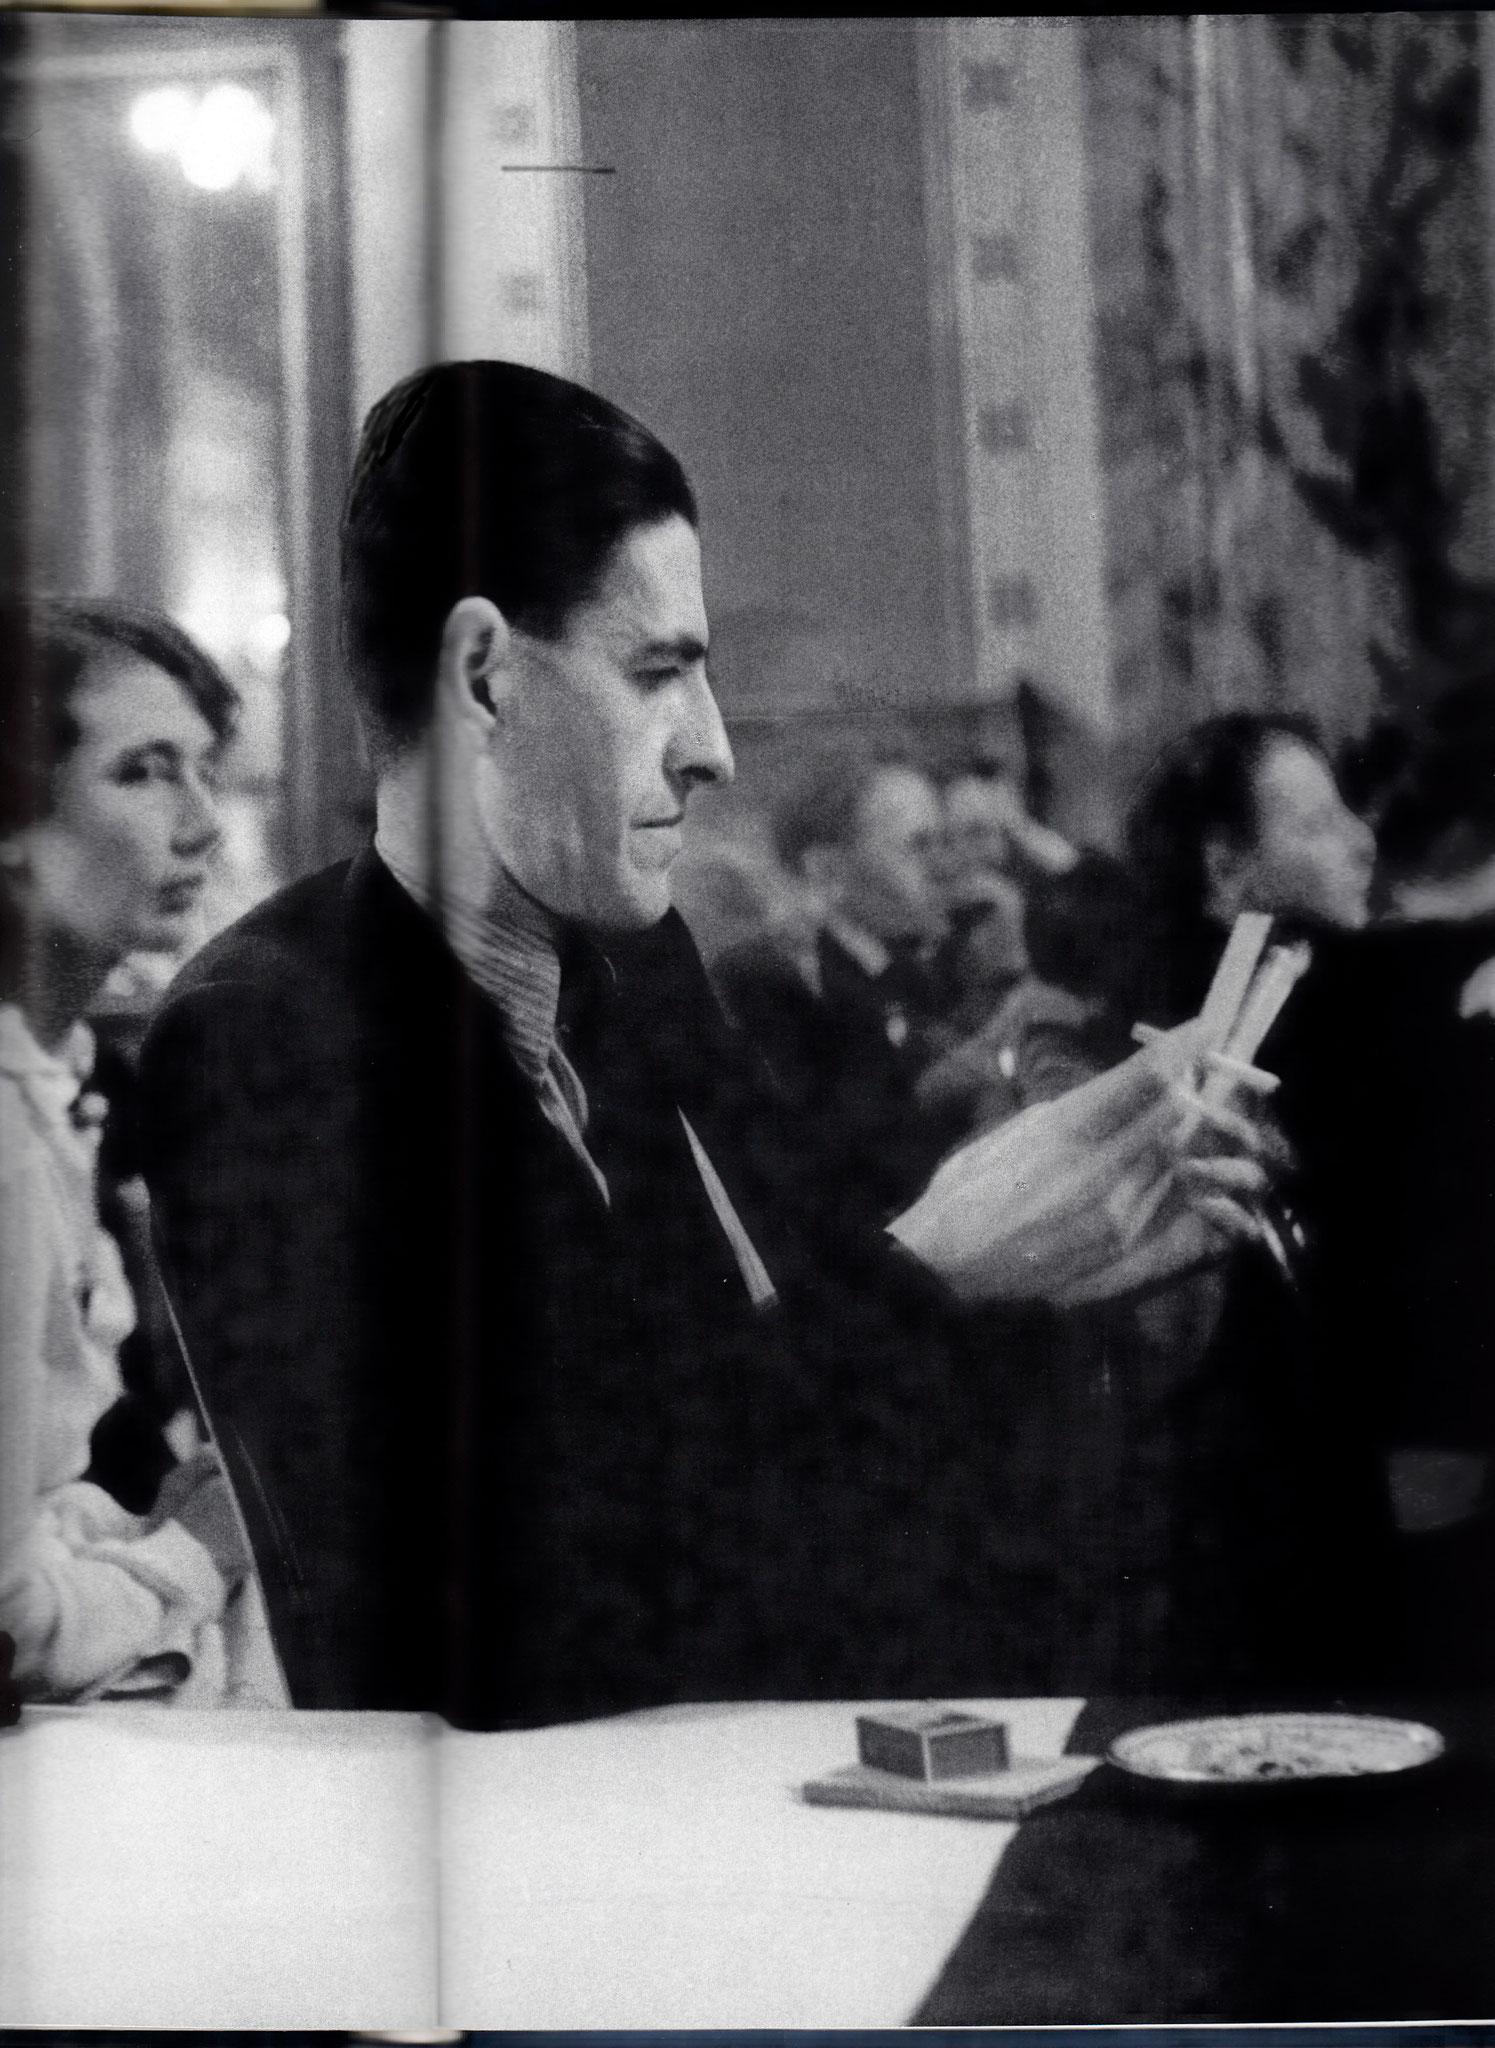 M.Mahler (?) u. Berfeld IPV-Kongress 1934, Luzern